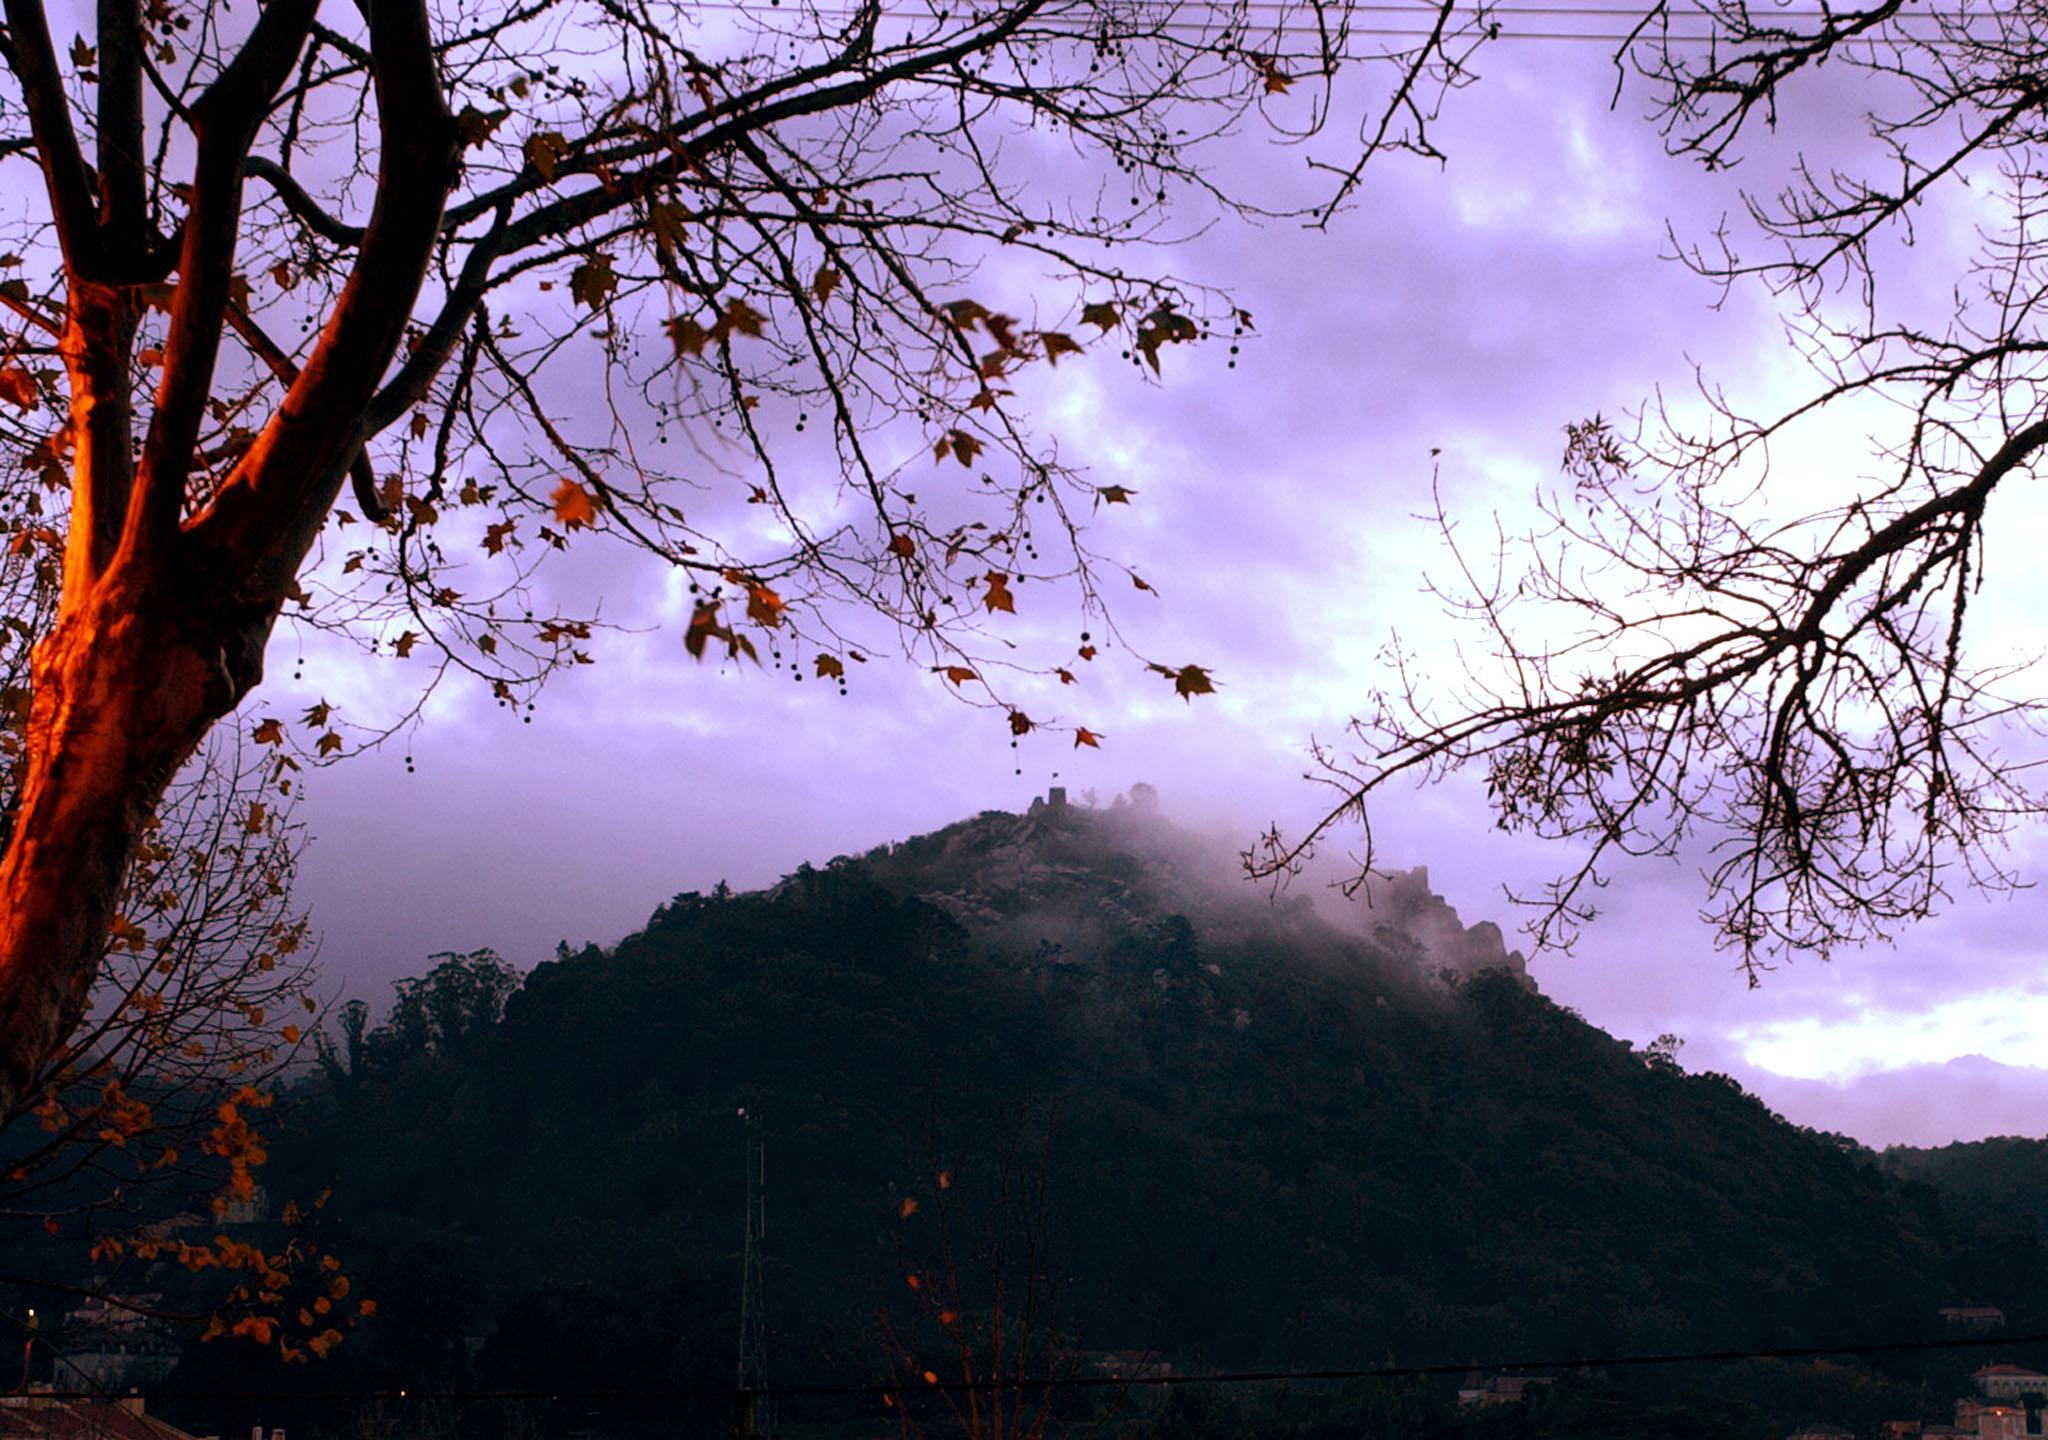 Proteção Civil de Sintra estima corte de 370 árvores na serra